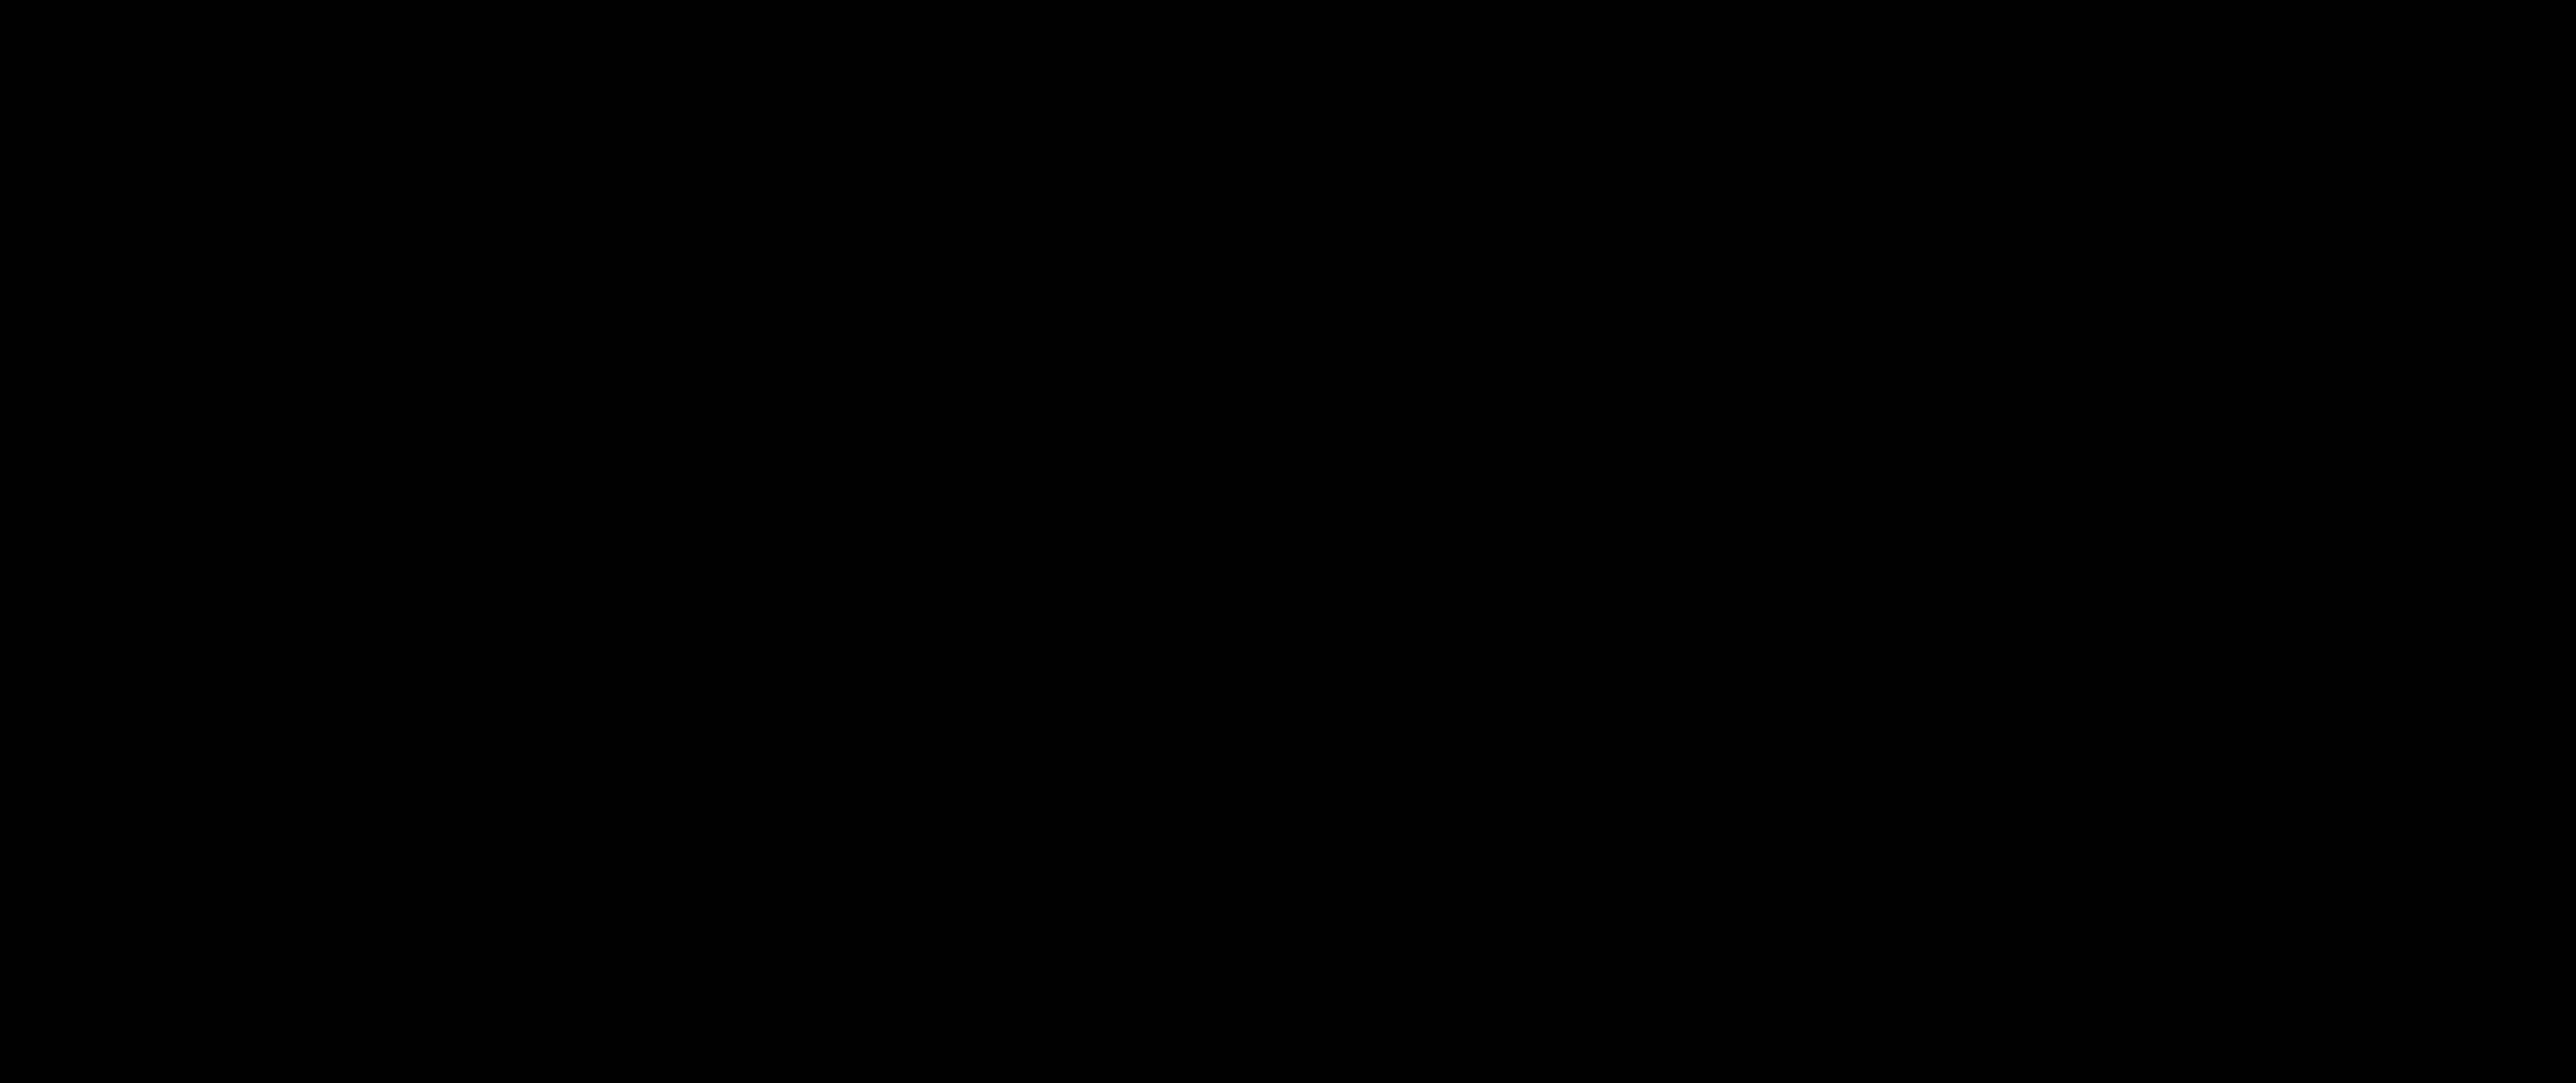 Shared Office in 1040 zwischen TU und Naschmarkt - Willkommen im Fresh Lab!